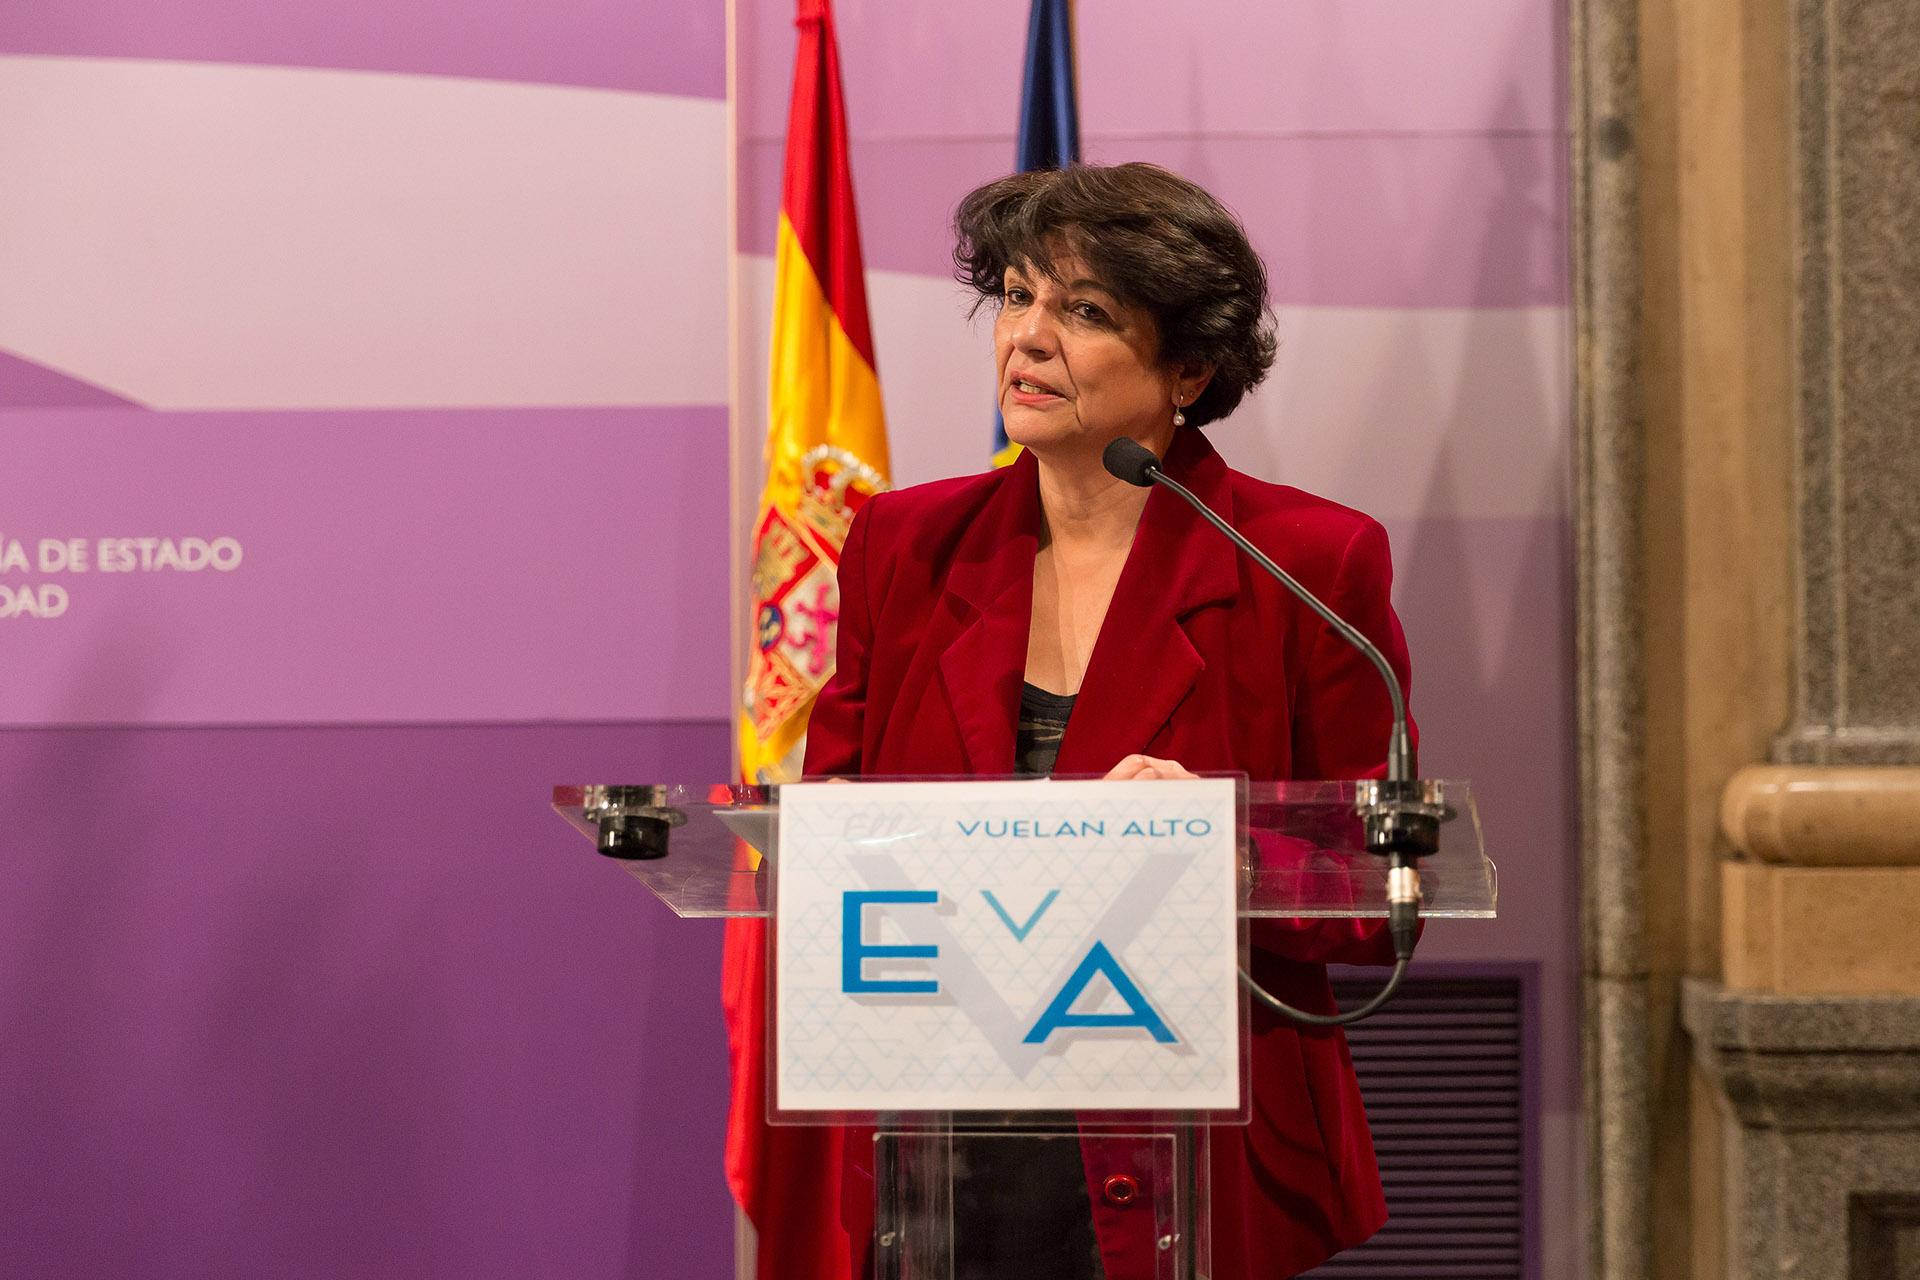 Soledad Murillo, secretaria de Estado de Igualdad, inauguró la jornada de EVA.